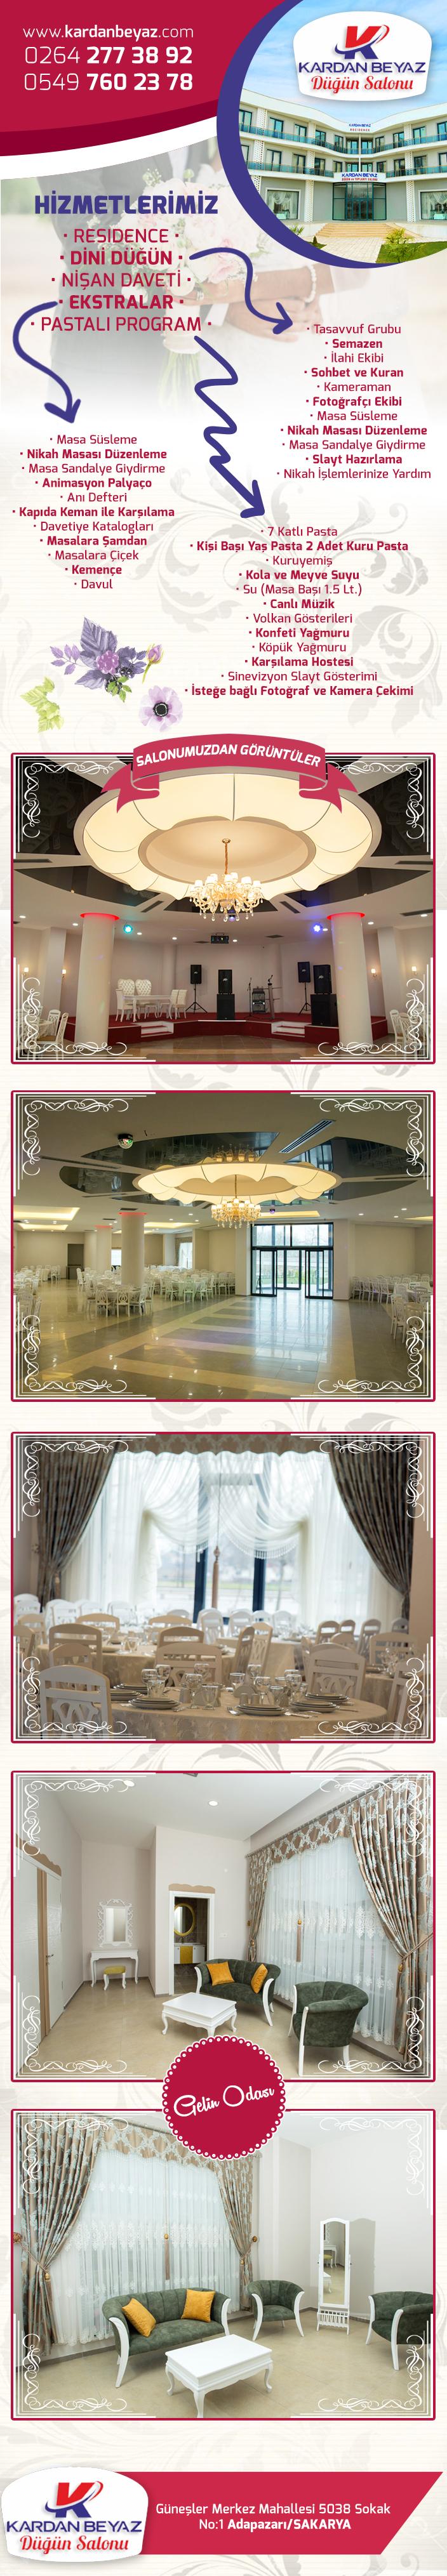 Kardan Beyaz Düğün Salonu